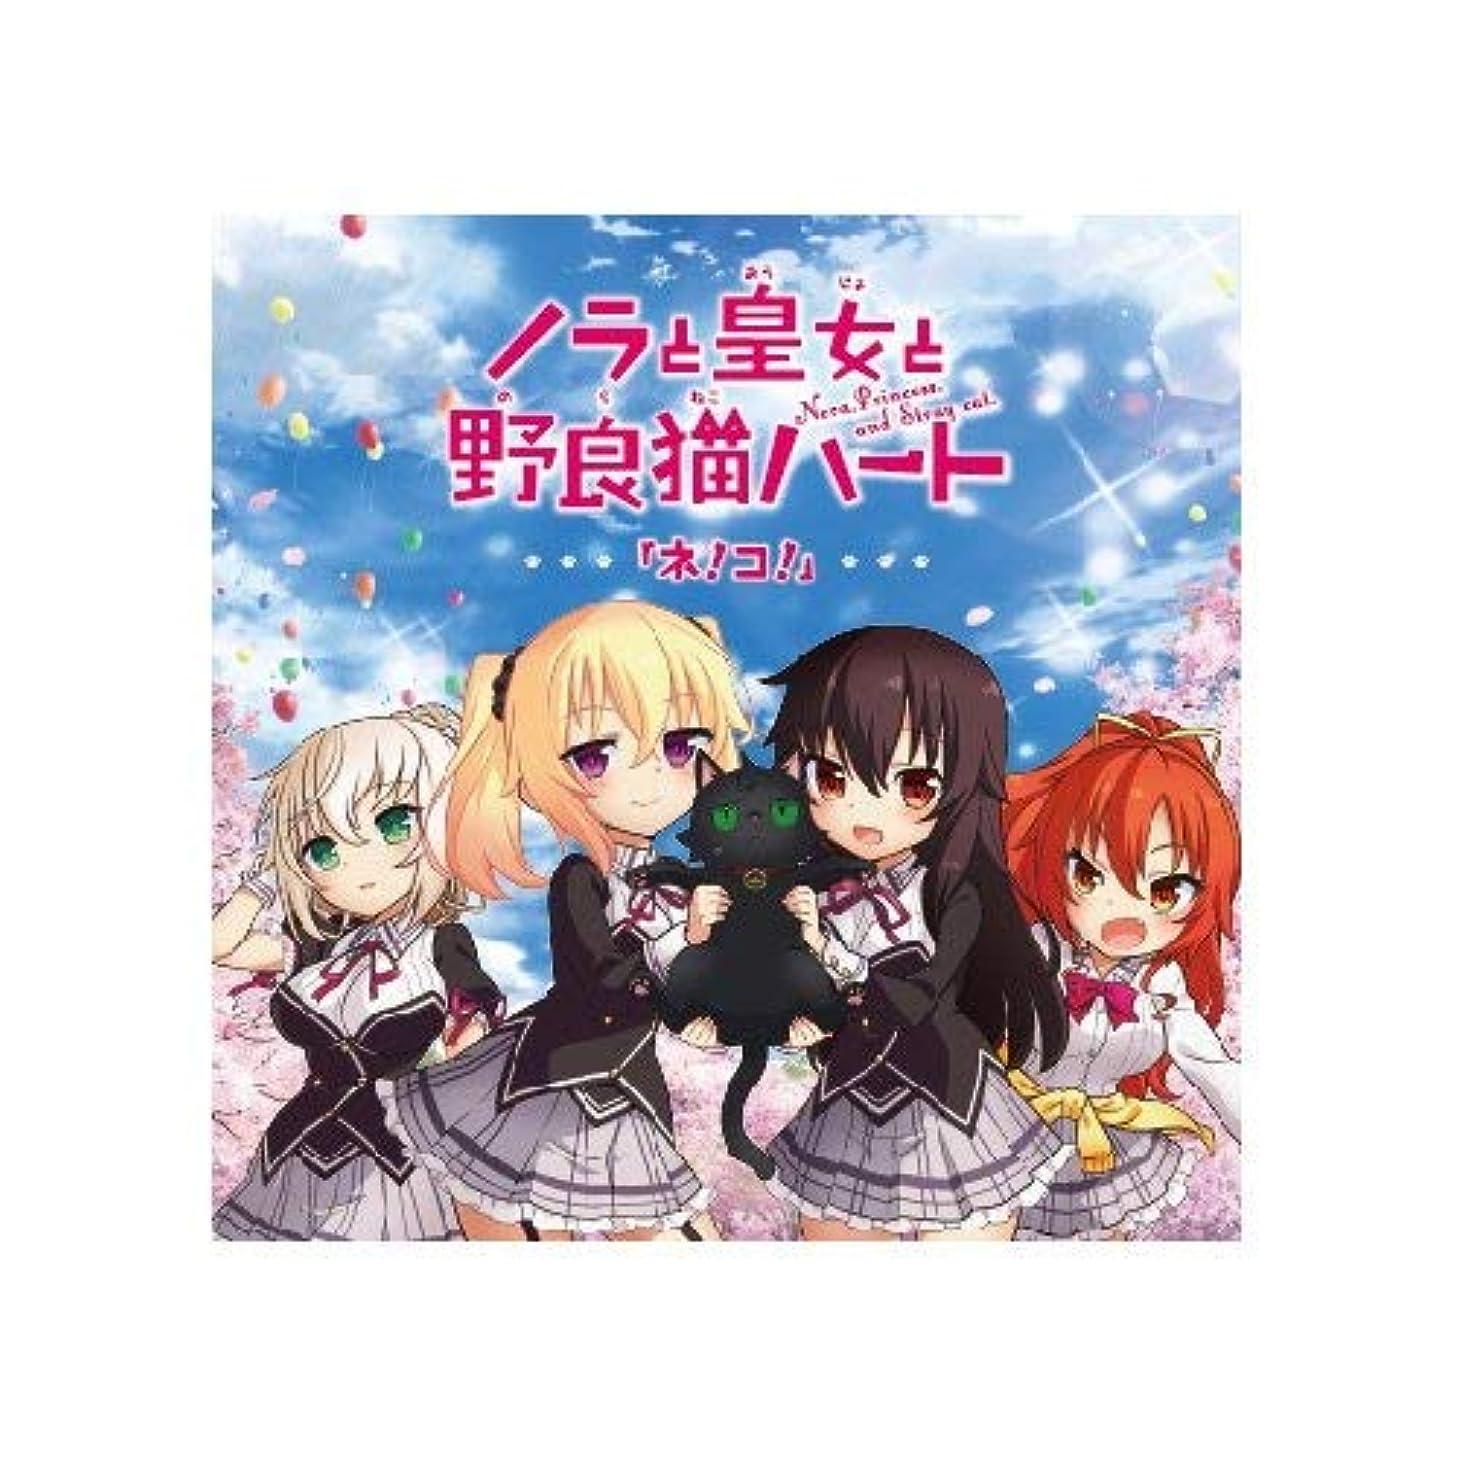 芸術的沿って添加剤TVアニメ ノラと皇女と野良猫ハートOP曲「ネ!コ!」同梱 HARUKAZEグッズセットC92